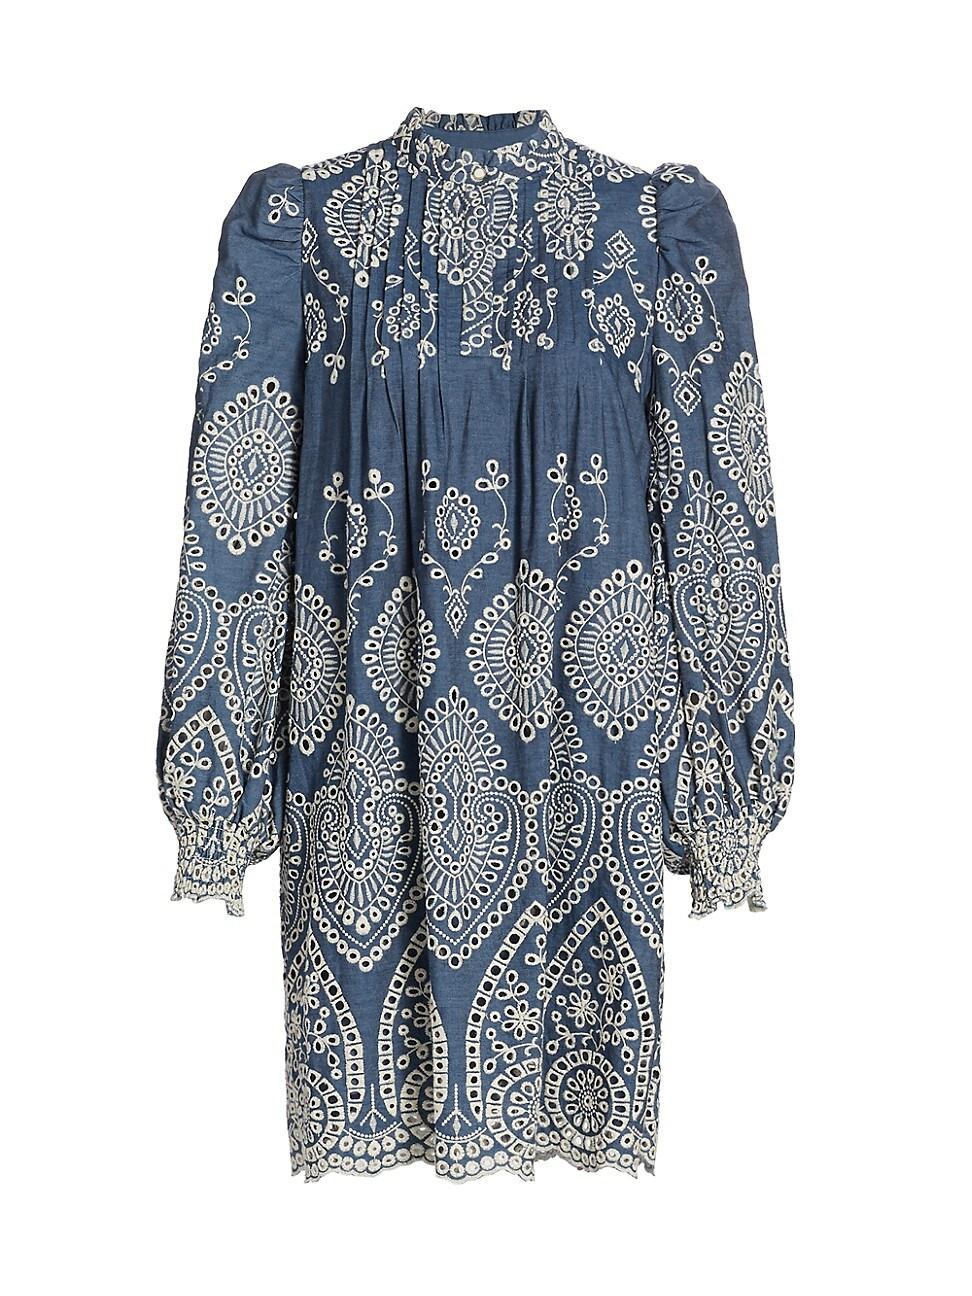 Munthe WOMEN'S TEPIC PRINT HIGH-NECK PUFF-SLEEVE SHIFT DRESS